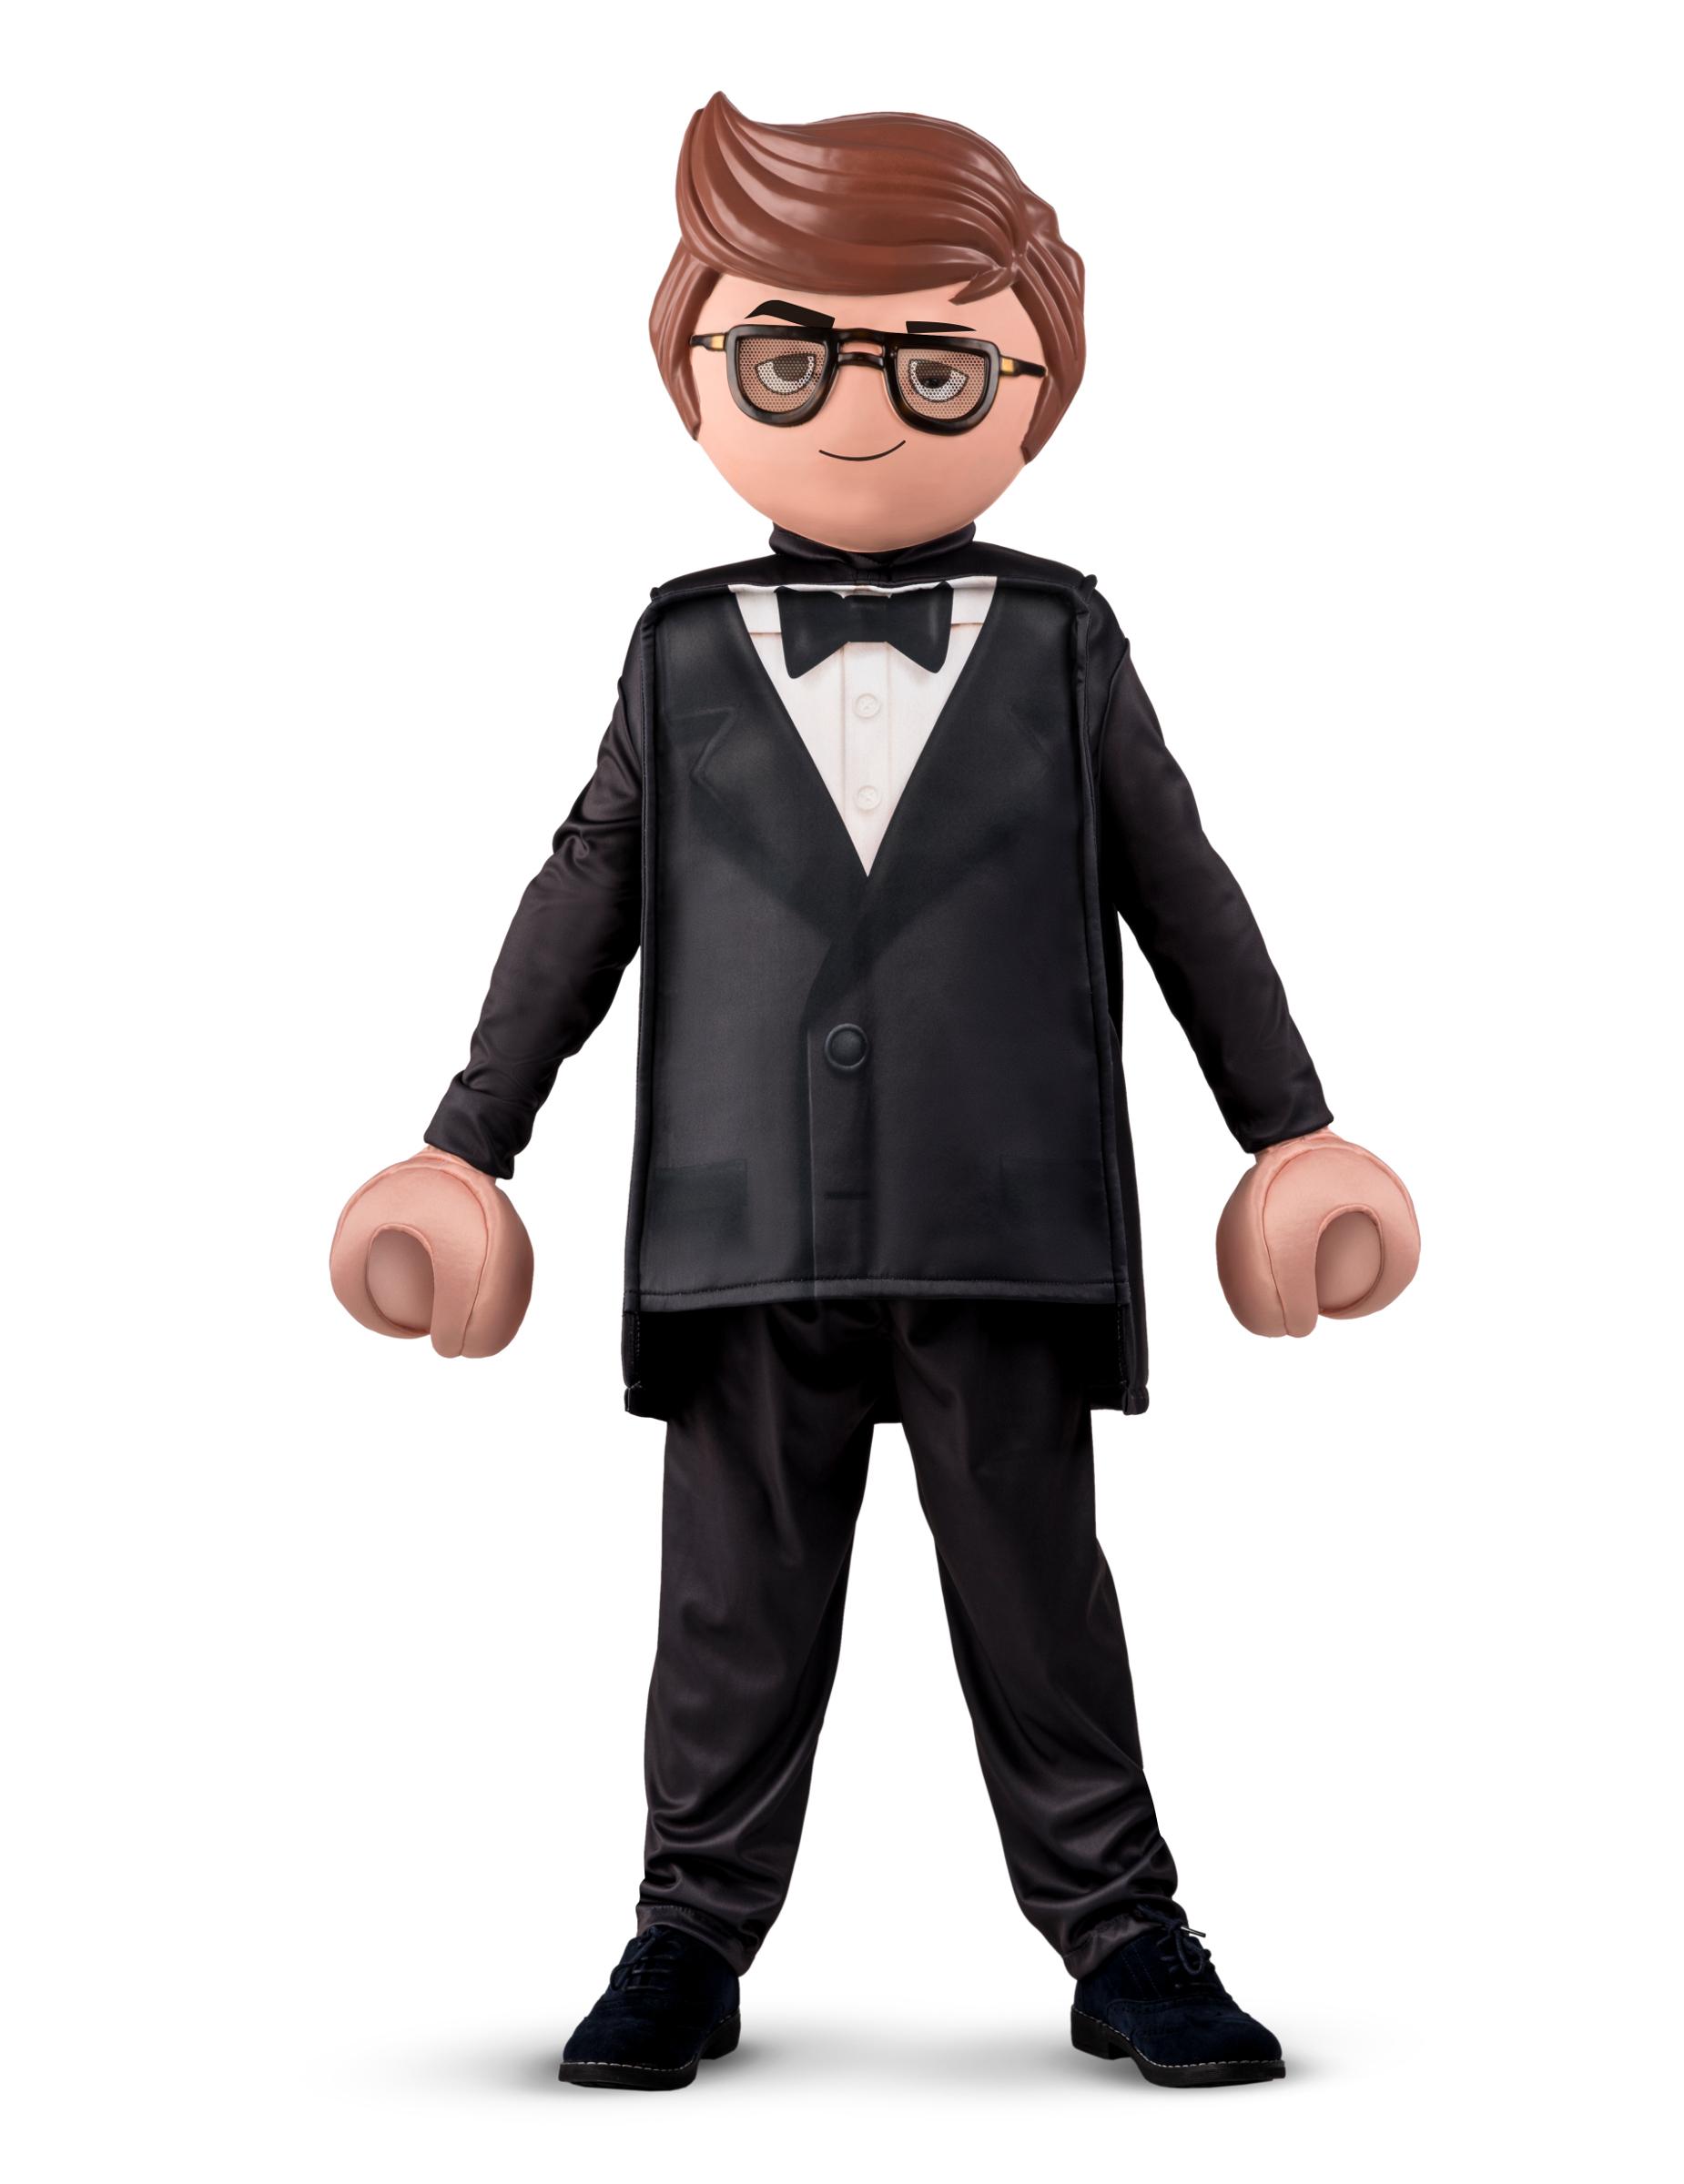 Rex Dasher Playmobil-Kostüm für Kinder: Kostüme für Kinder ...